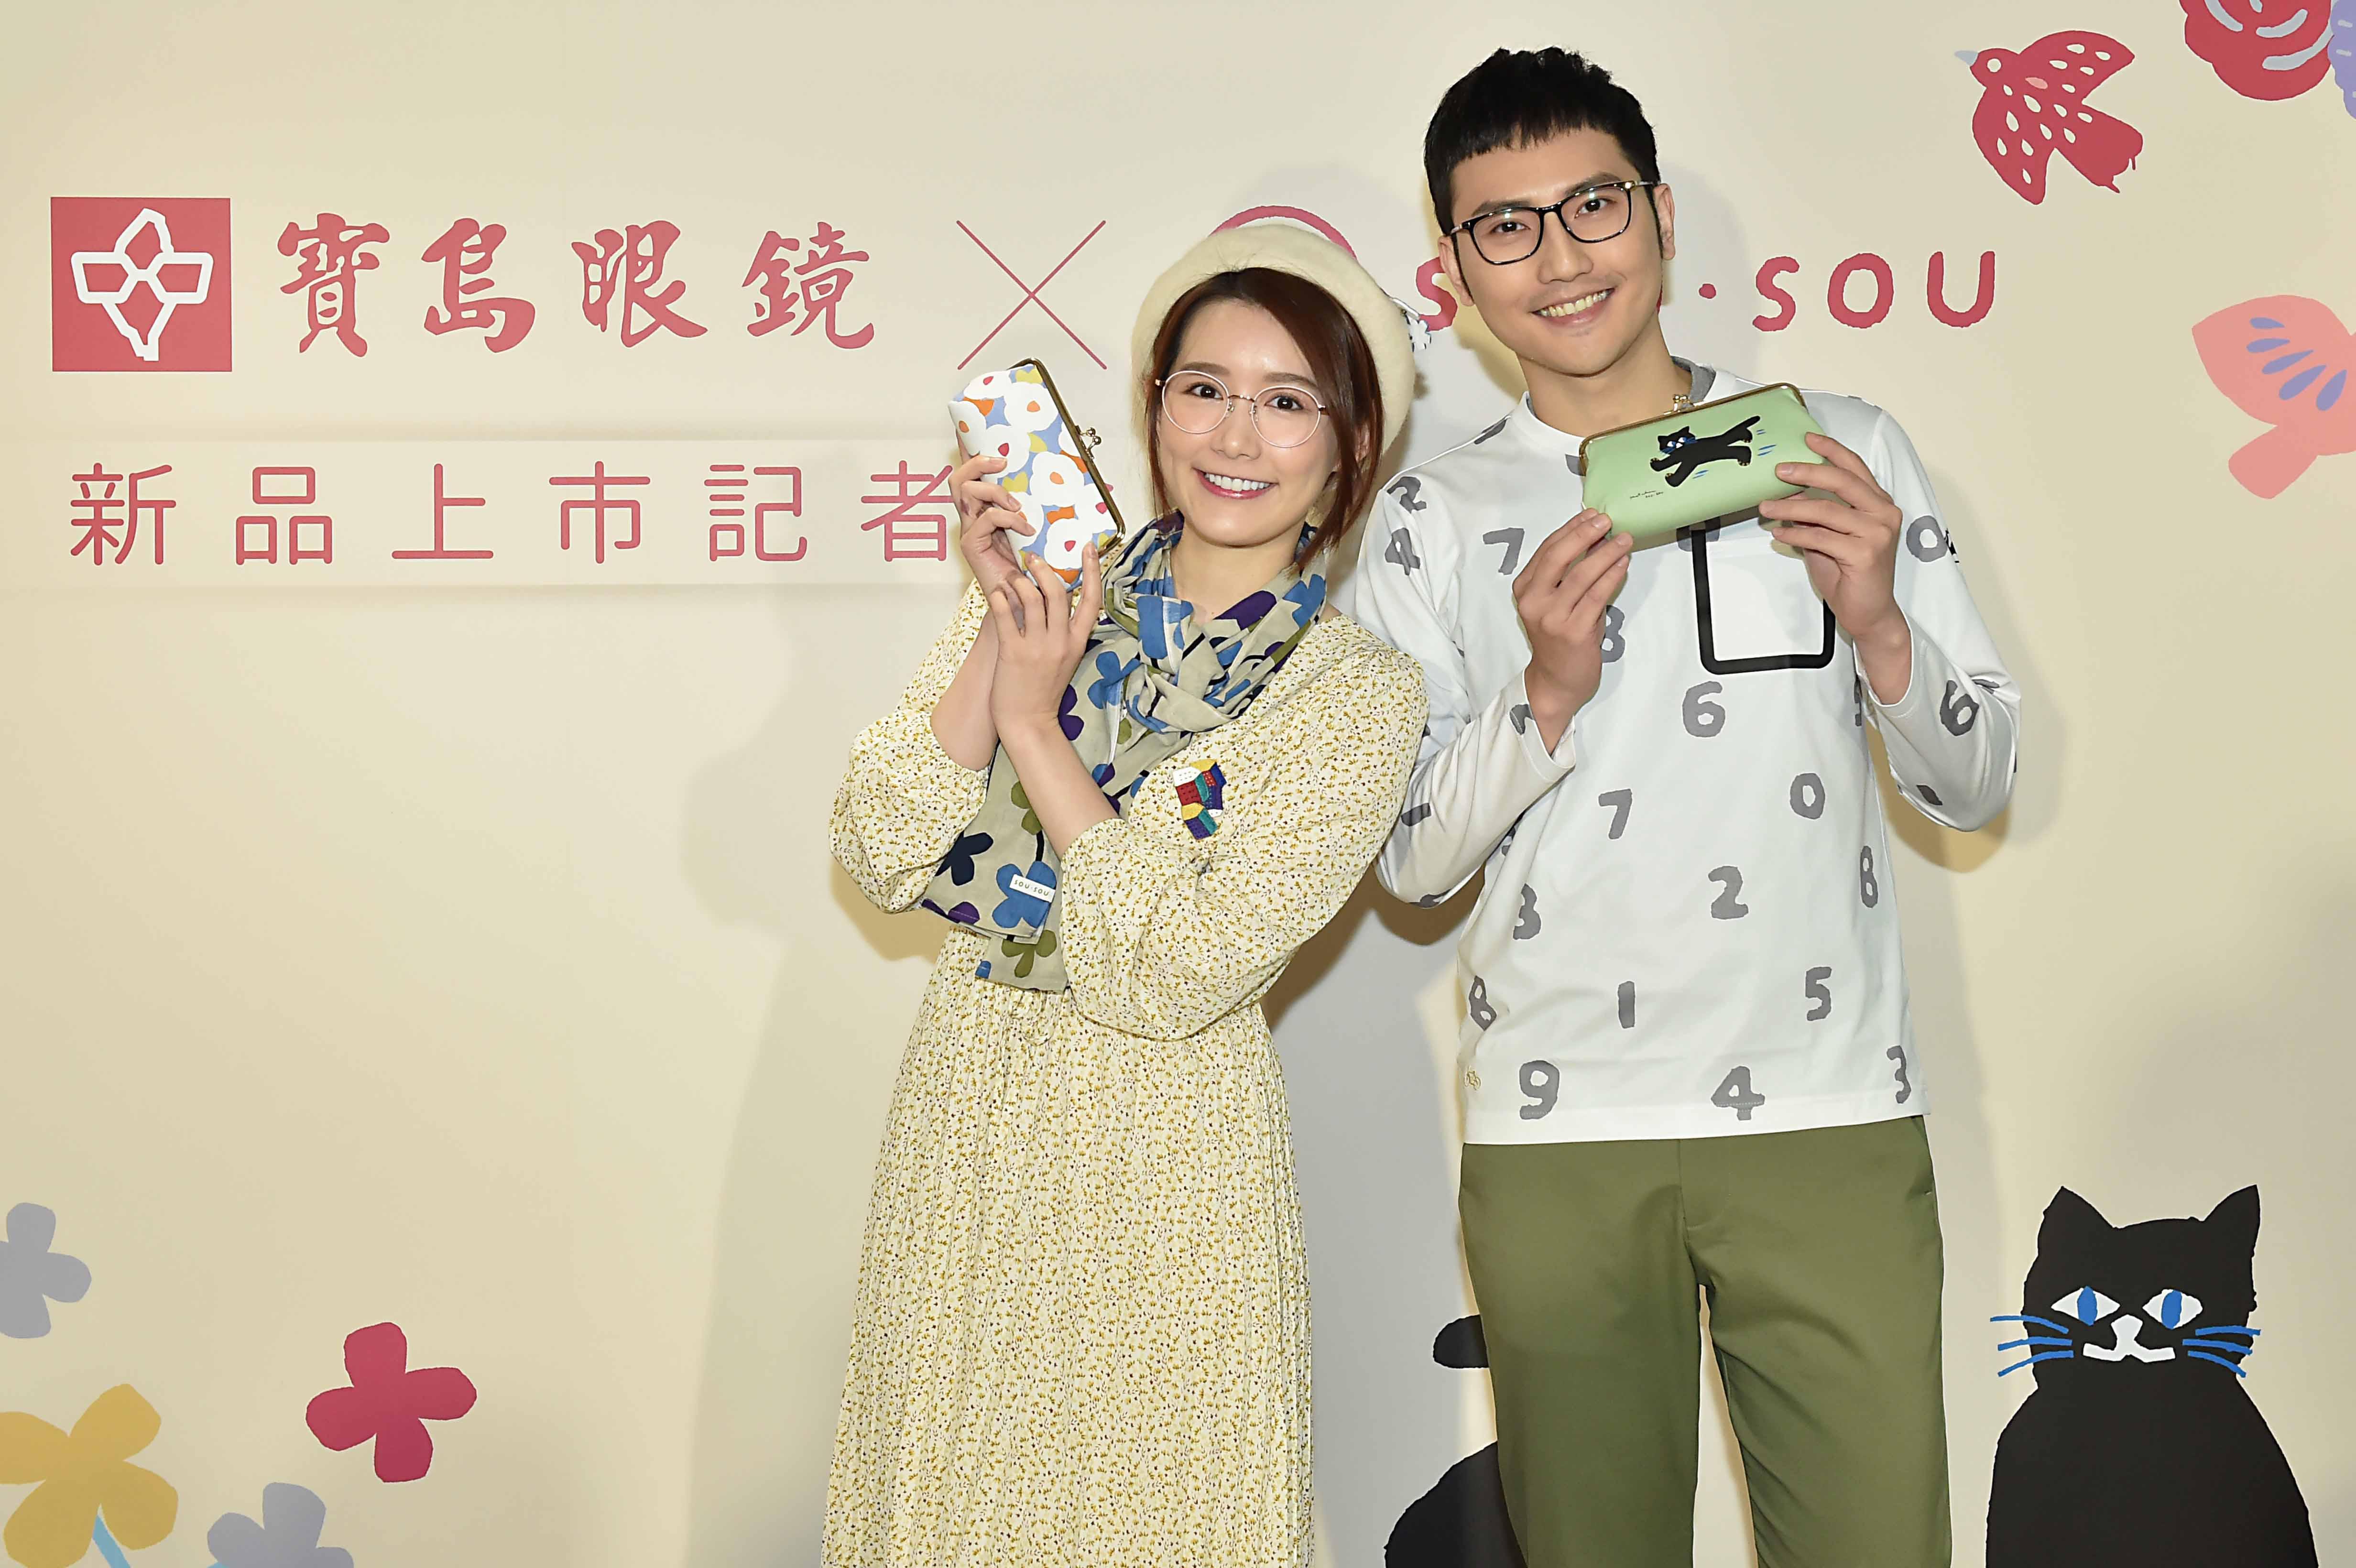 =寶島眼鏡 X京都 SOU‧SOU 再次攜手合作 2021年聯名款 線上AR試戴同步開賣 眼鏡不僅為時尚配件 更是藝術品!